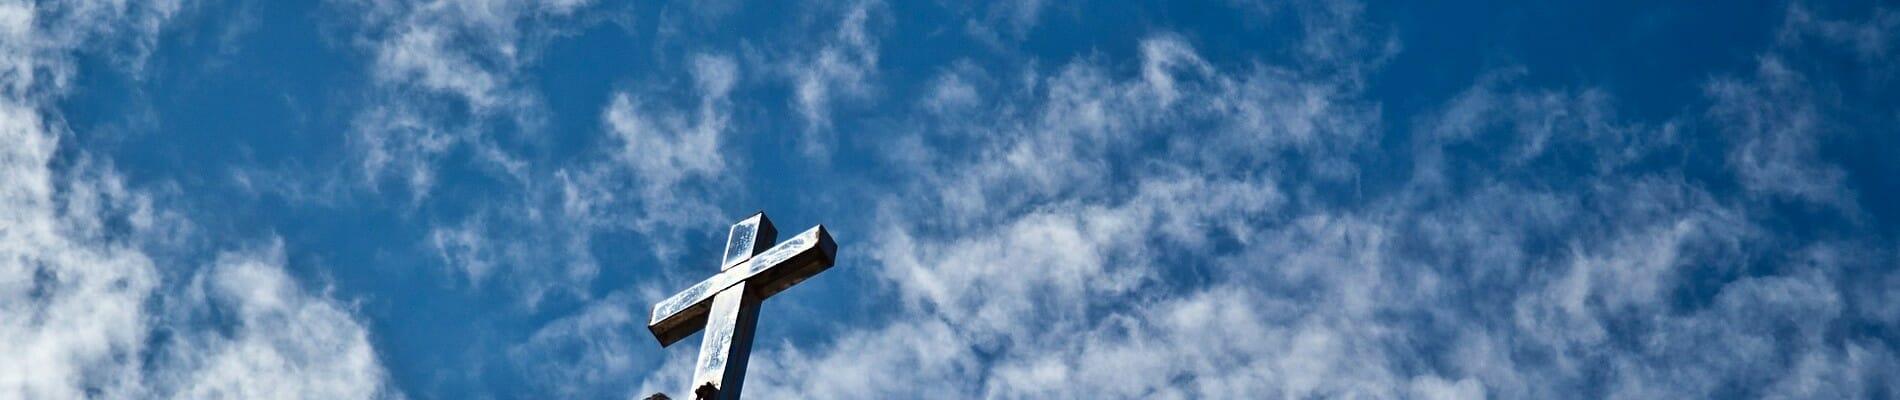 ようこそ、福音宣教 稚内教会へ